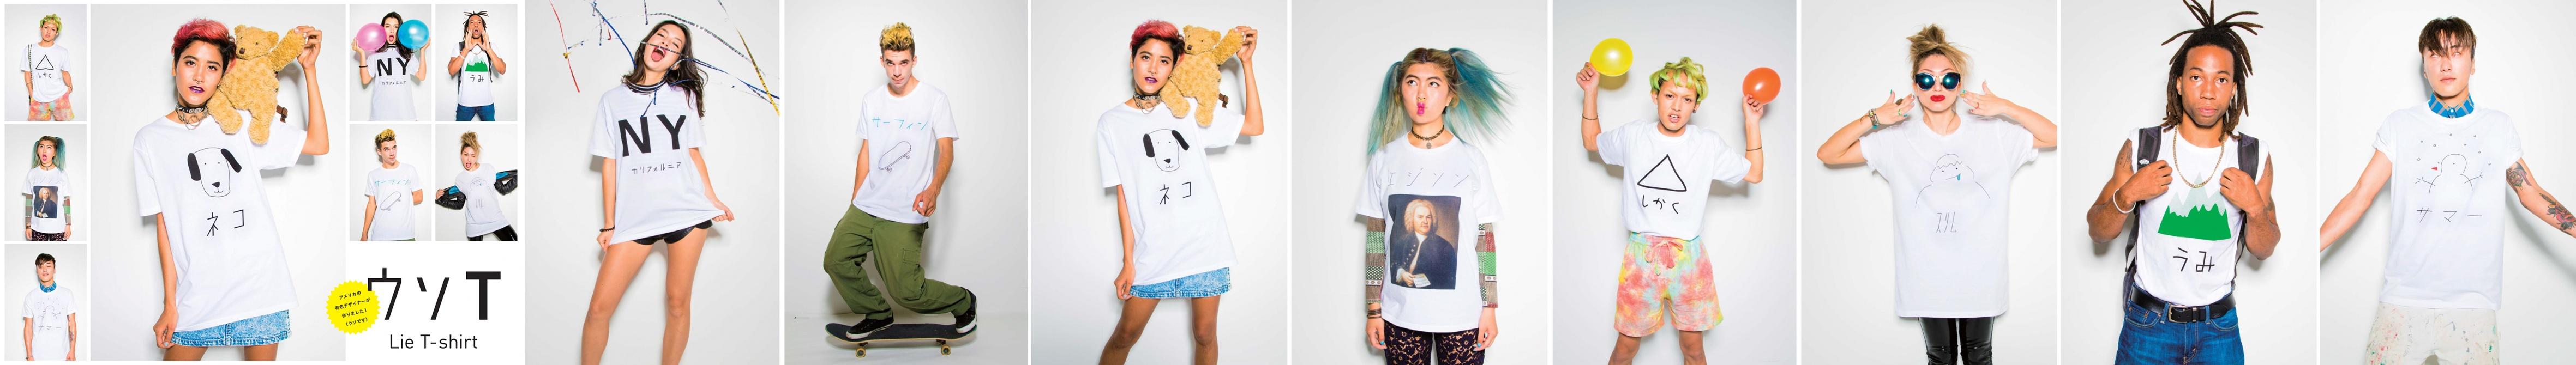 ウソT Lie T-shirt